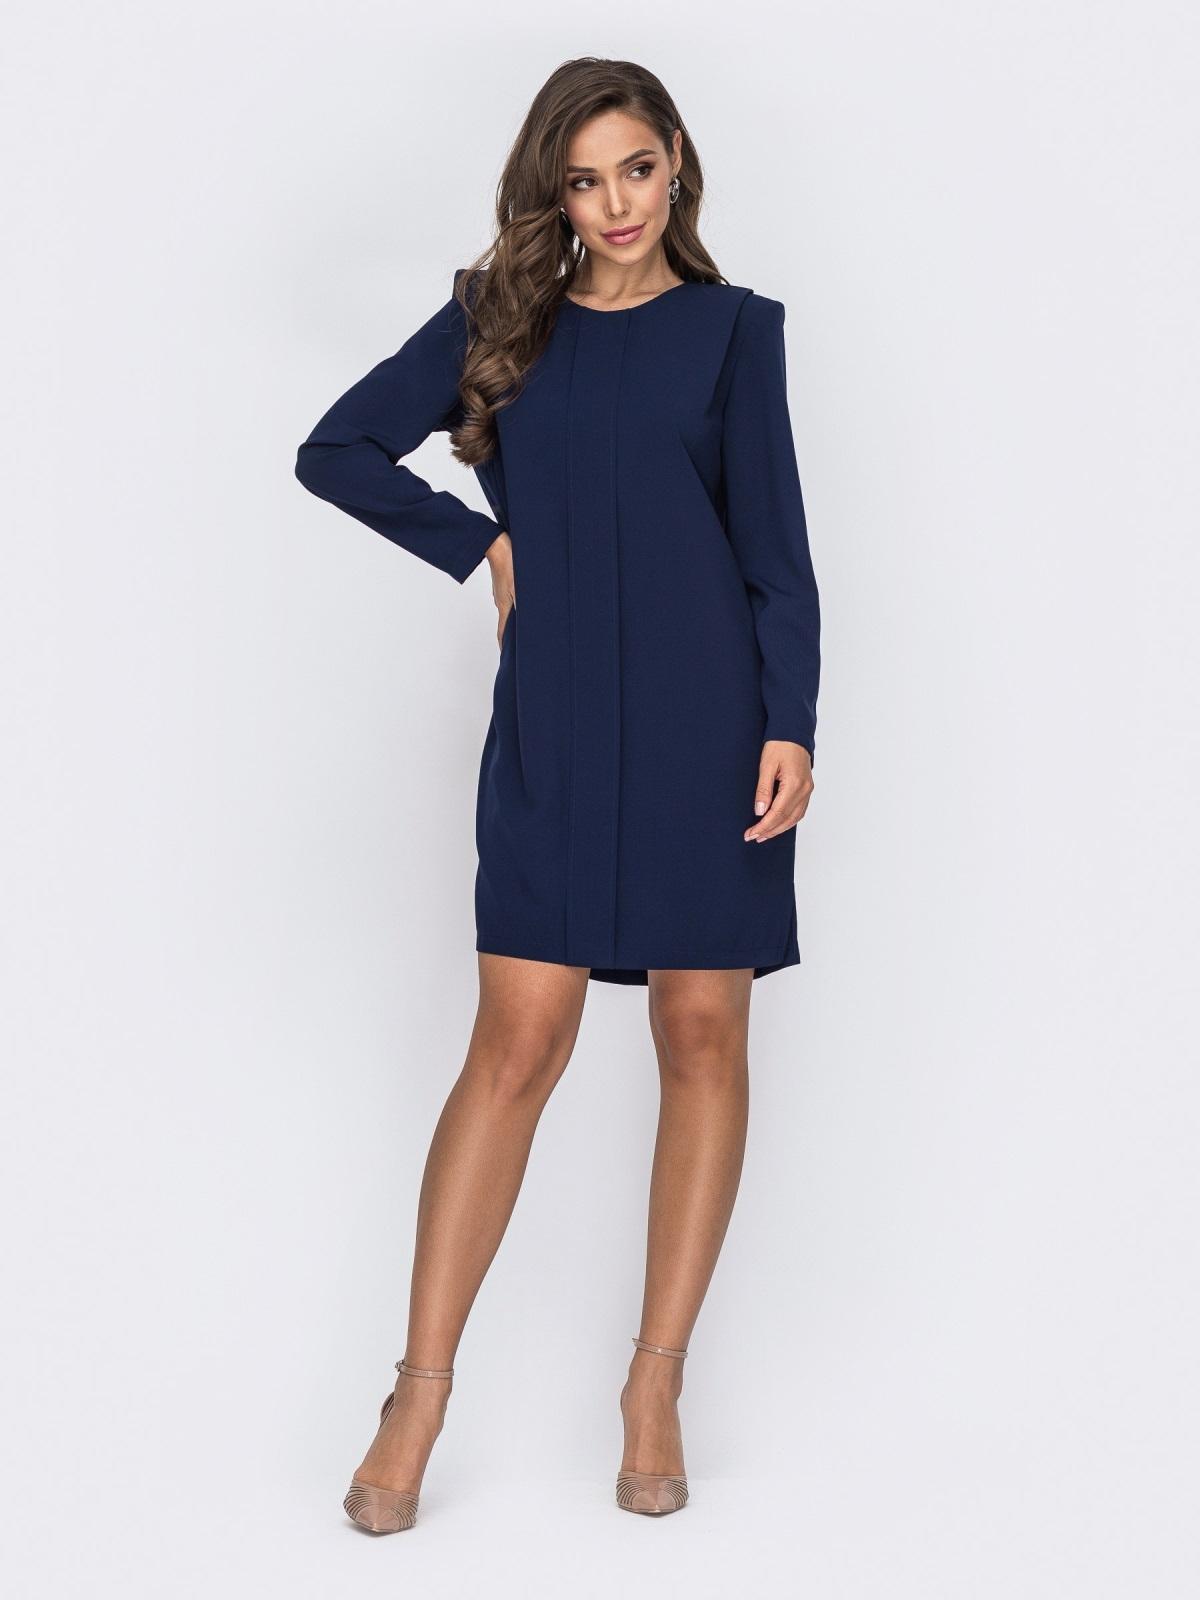 Прямое платье тёмно-синего цвета с подплечниками 50659, фото 1